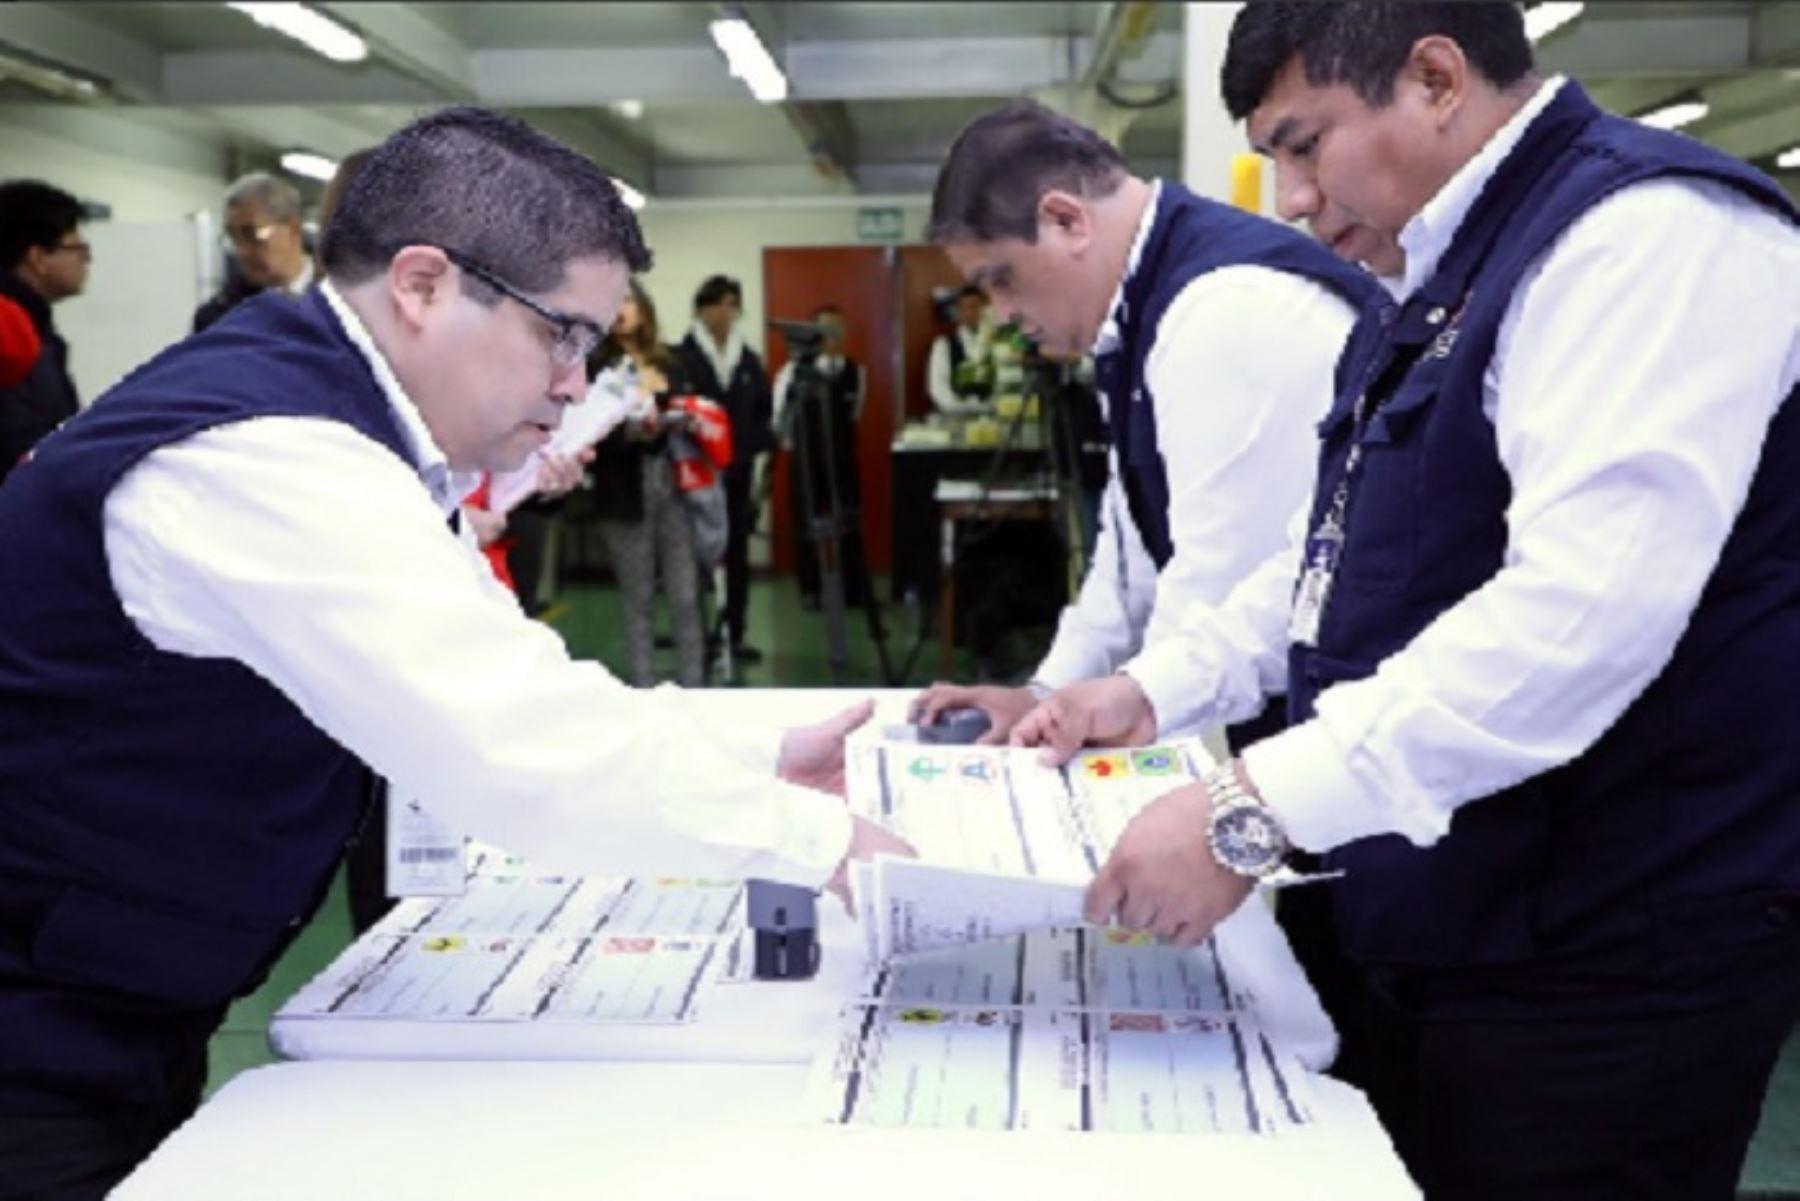 La Oficina Nacional de Procesos Electorales (ONPE) inició hoy martes 11 de junio el proceso de impresión de 48,000 cédulas de sufragio que serán utilizadas en las Elecciones Municipales Complementarias del próximo 7 de julio.